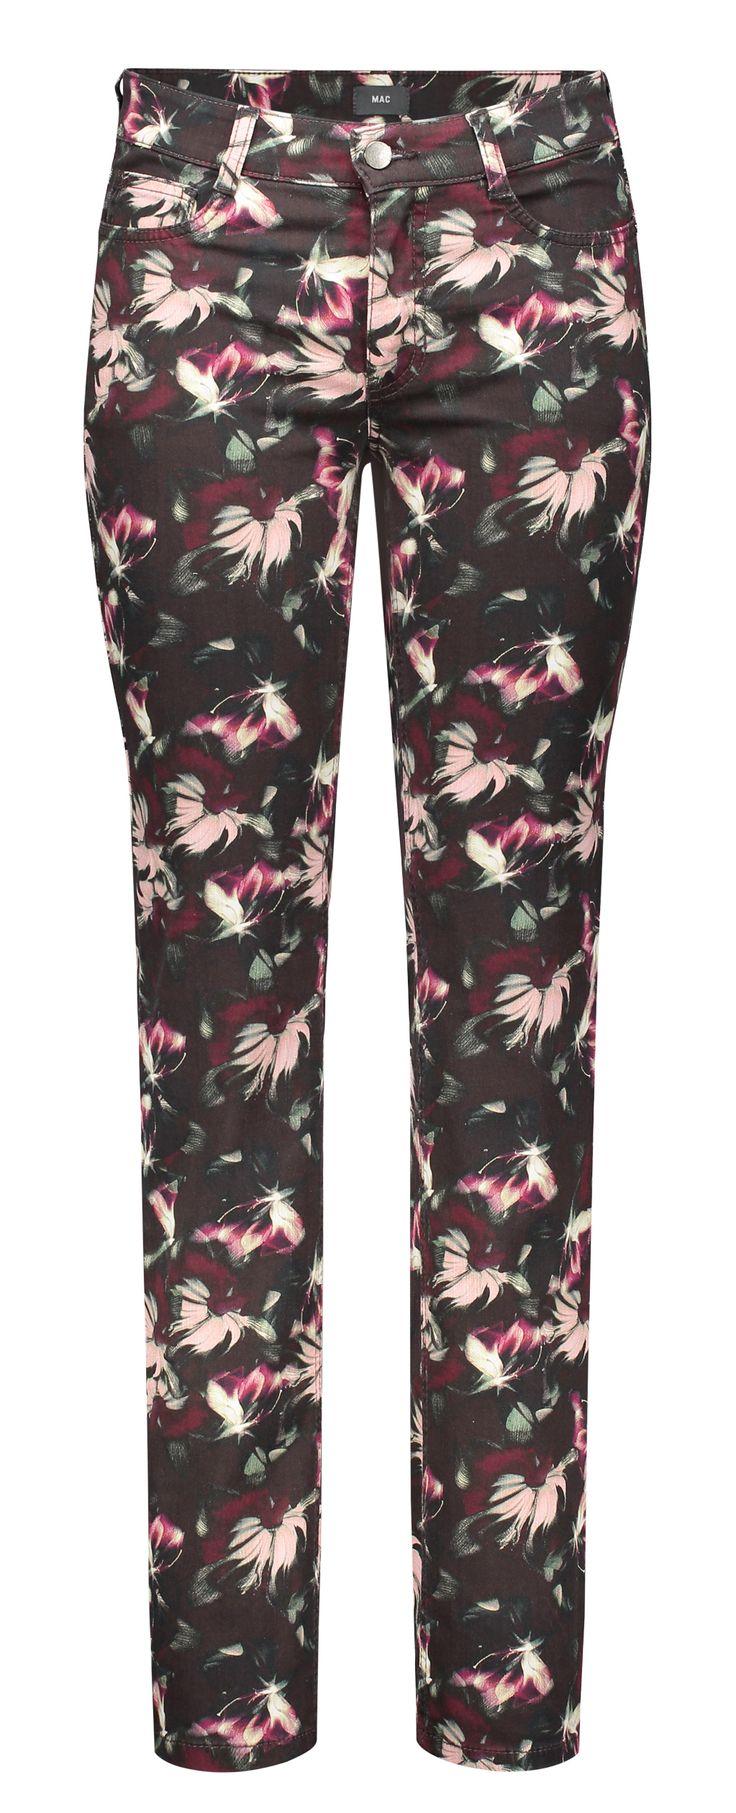 Angela gehört zu den beliebtesten MAC Jeans Modellen. Die Hose ist Slim Fit und hat eine bequeme Taille. Der schlanke Beinverlauf und das ziervolle Blumenmuster garantieren einen tollen Auftritt!